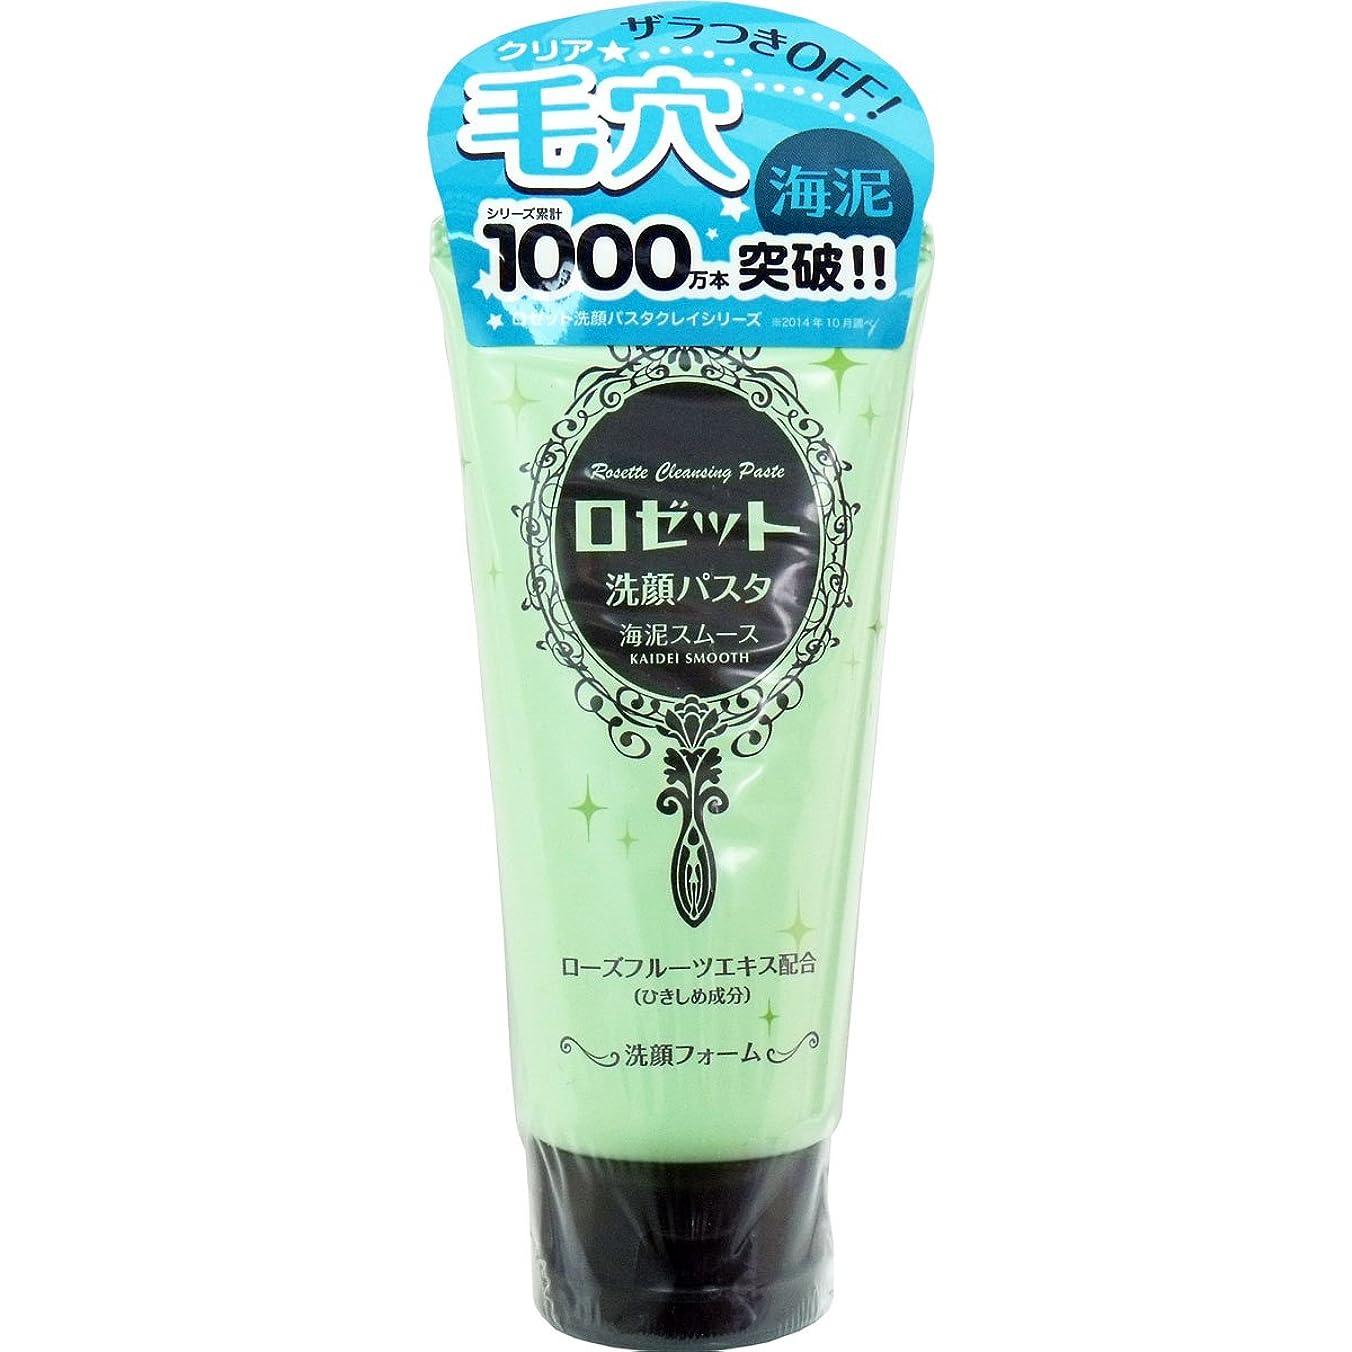 贅沢遺伝子療法ロゼット 洗顔パスタ 海泥スムース 120g x 5本セット